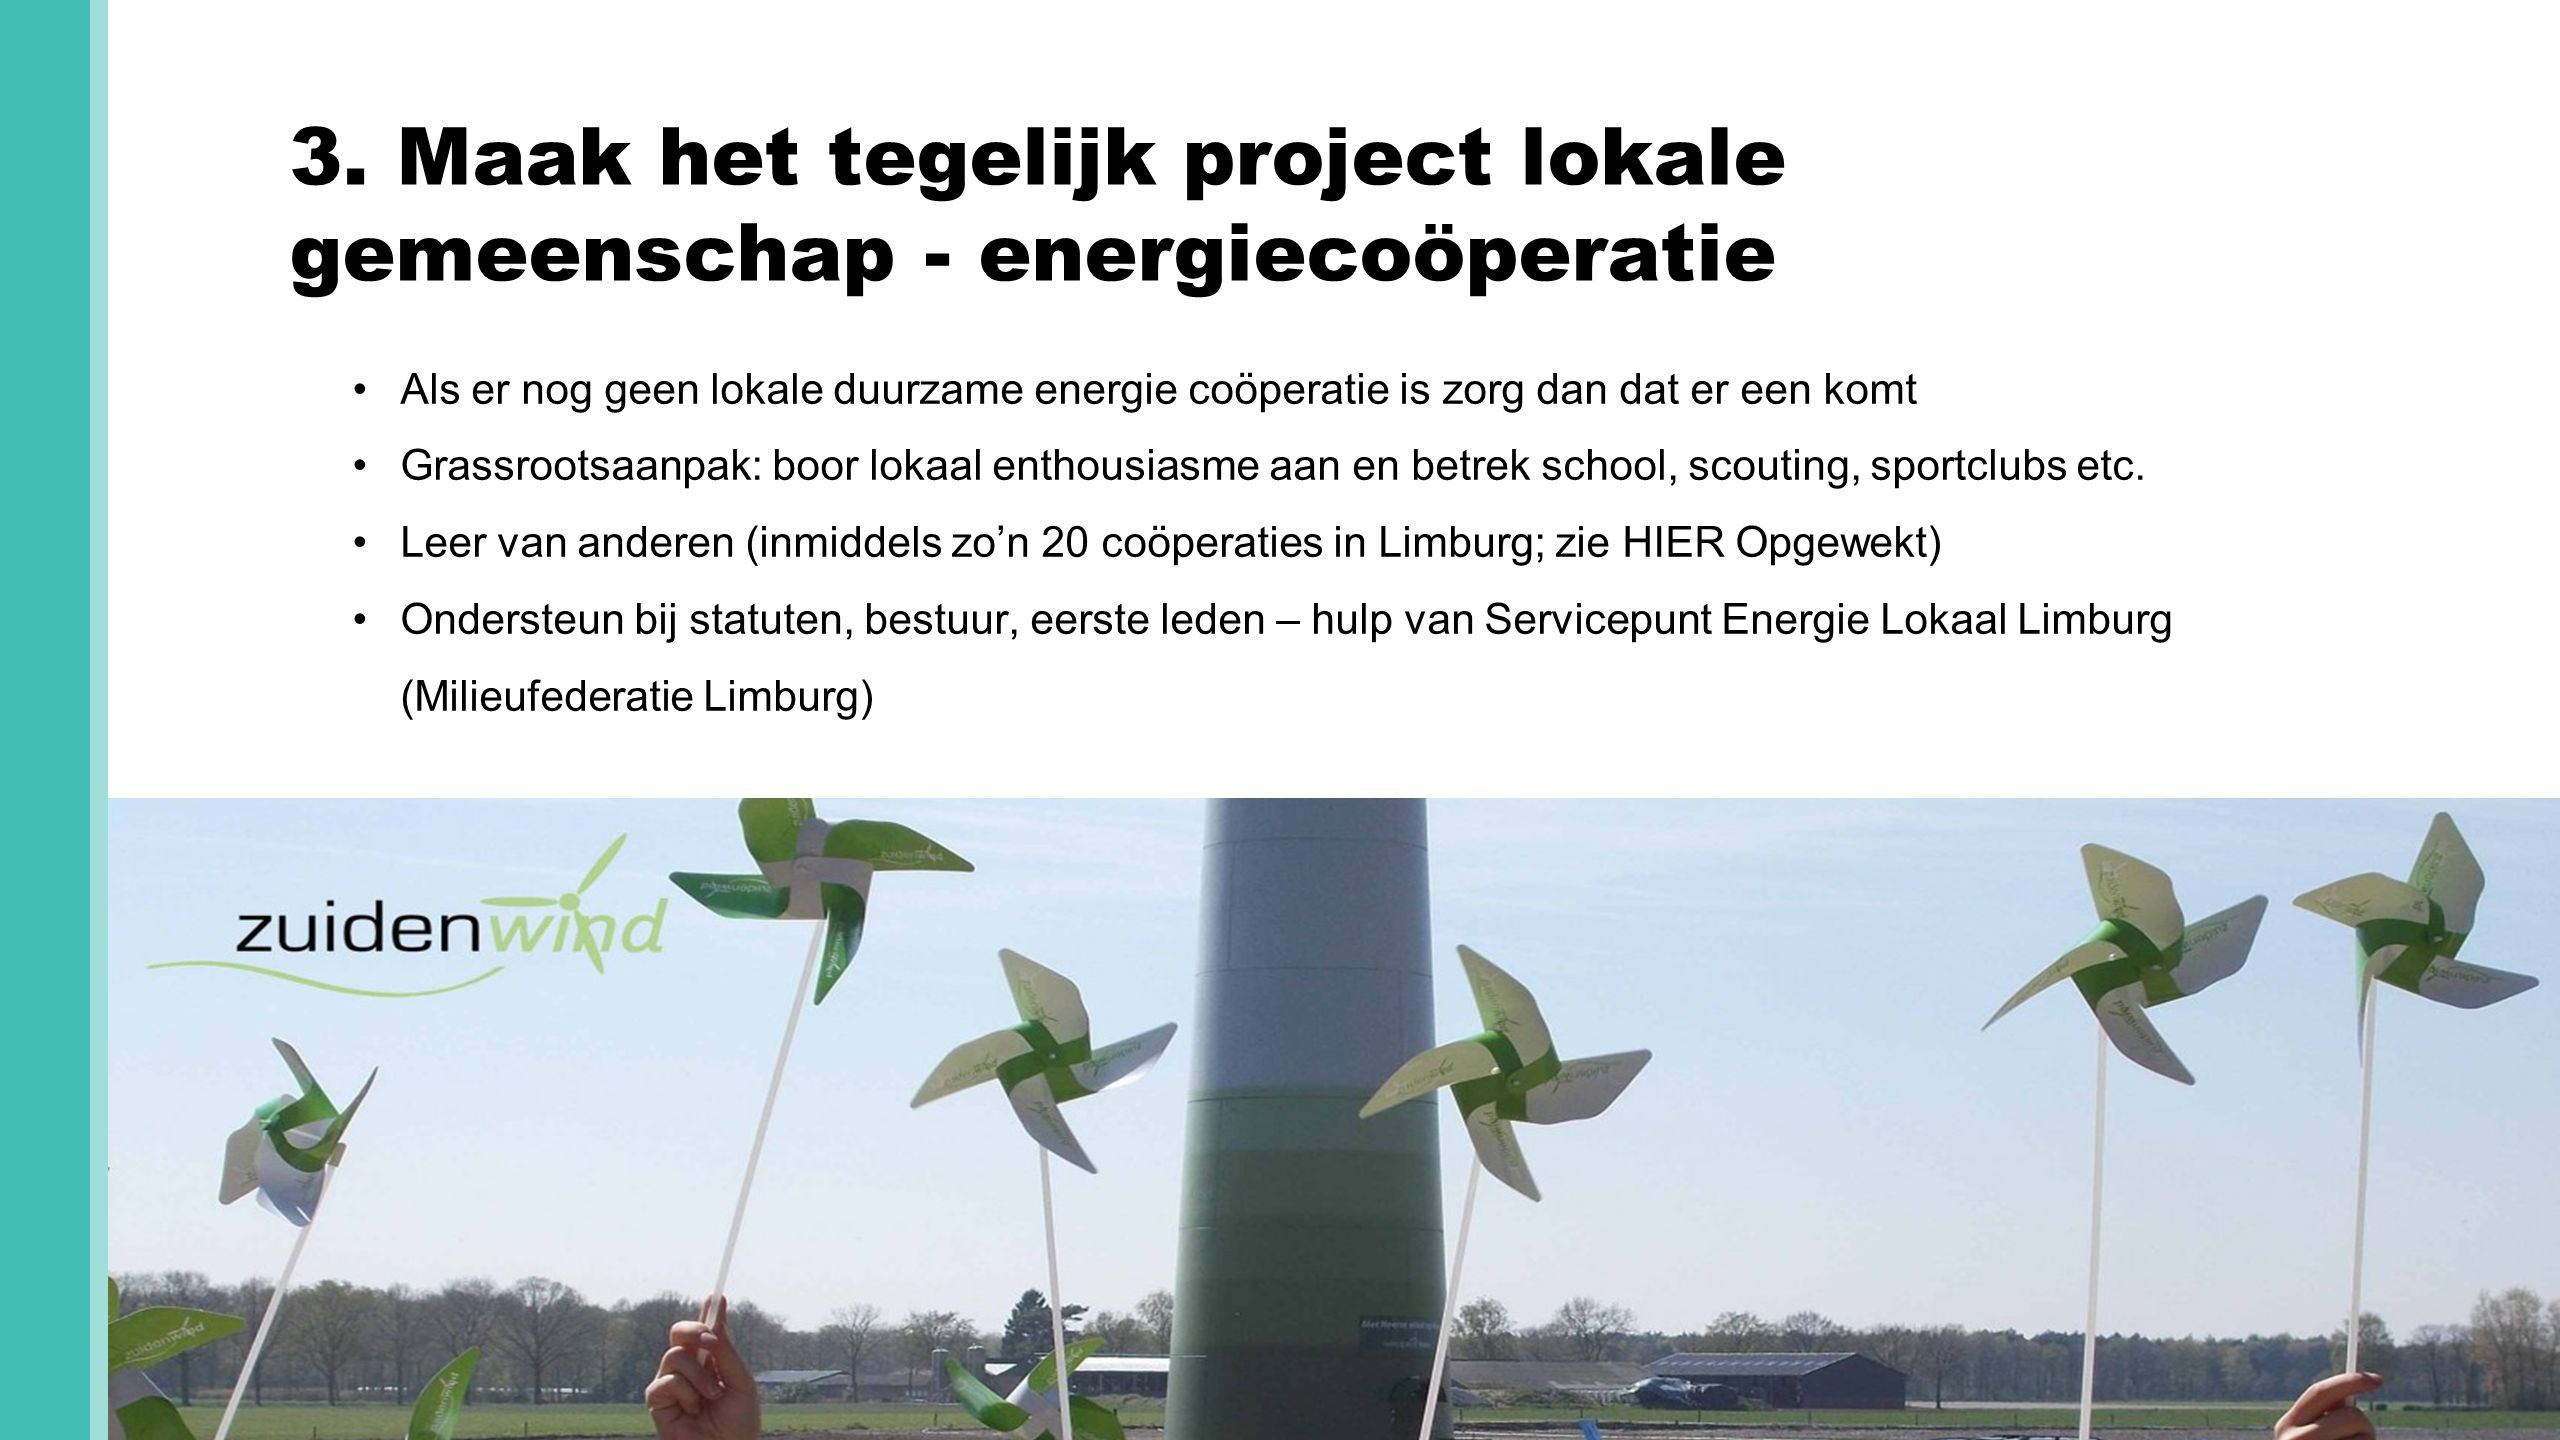 3. Maak het tegelijk project lokale gemeenschap - energiecoöperatie